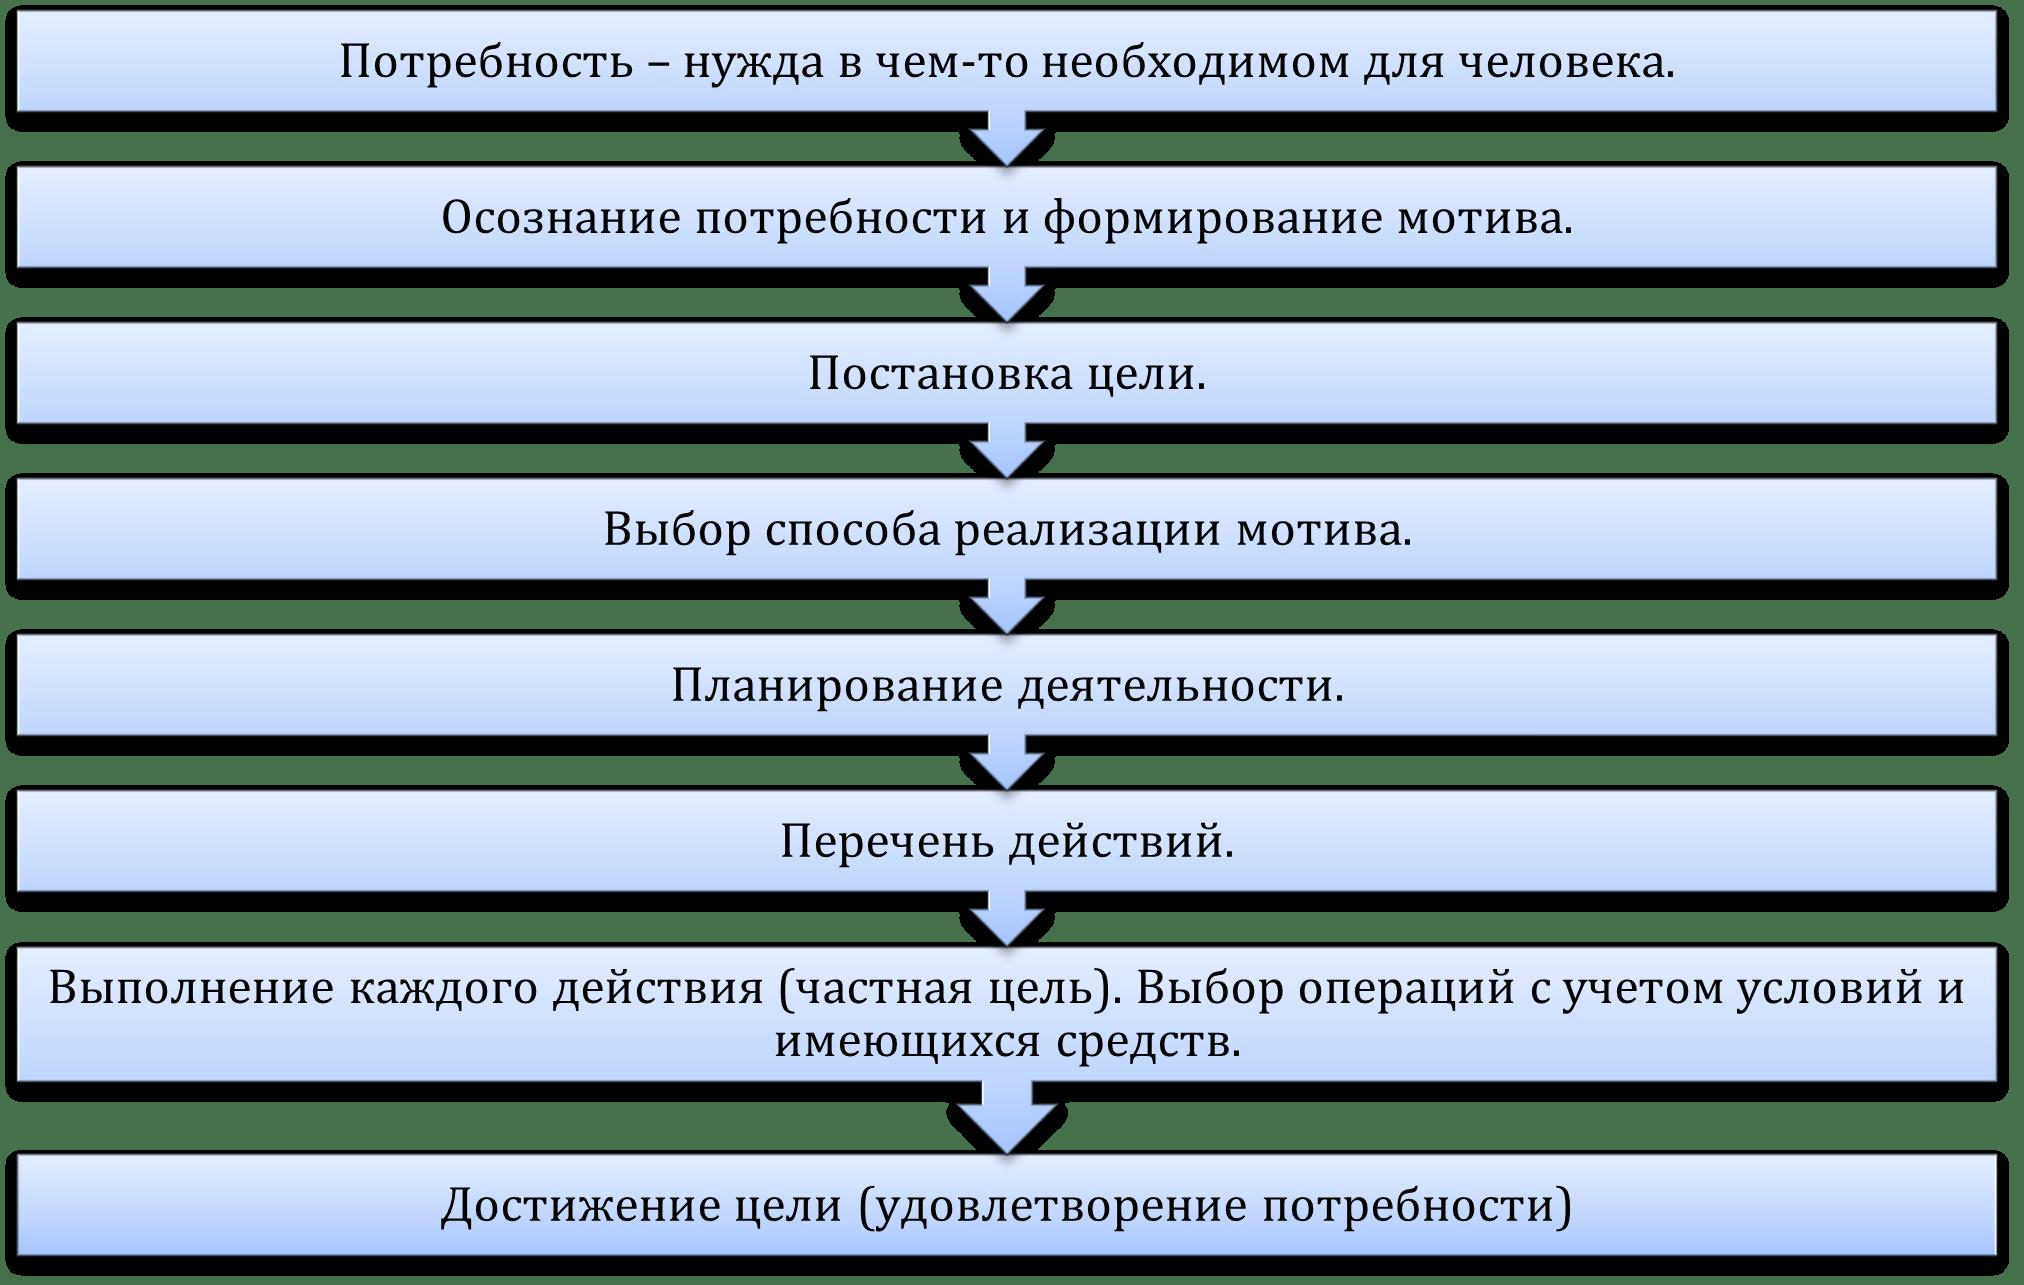 Структура ведущей деятельности